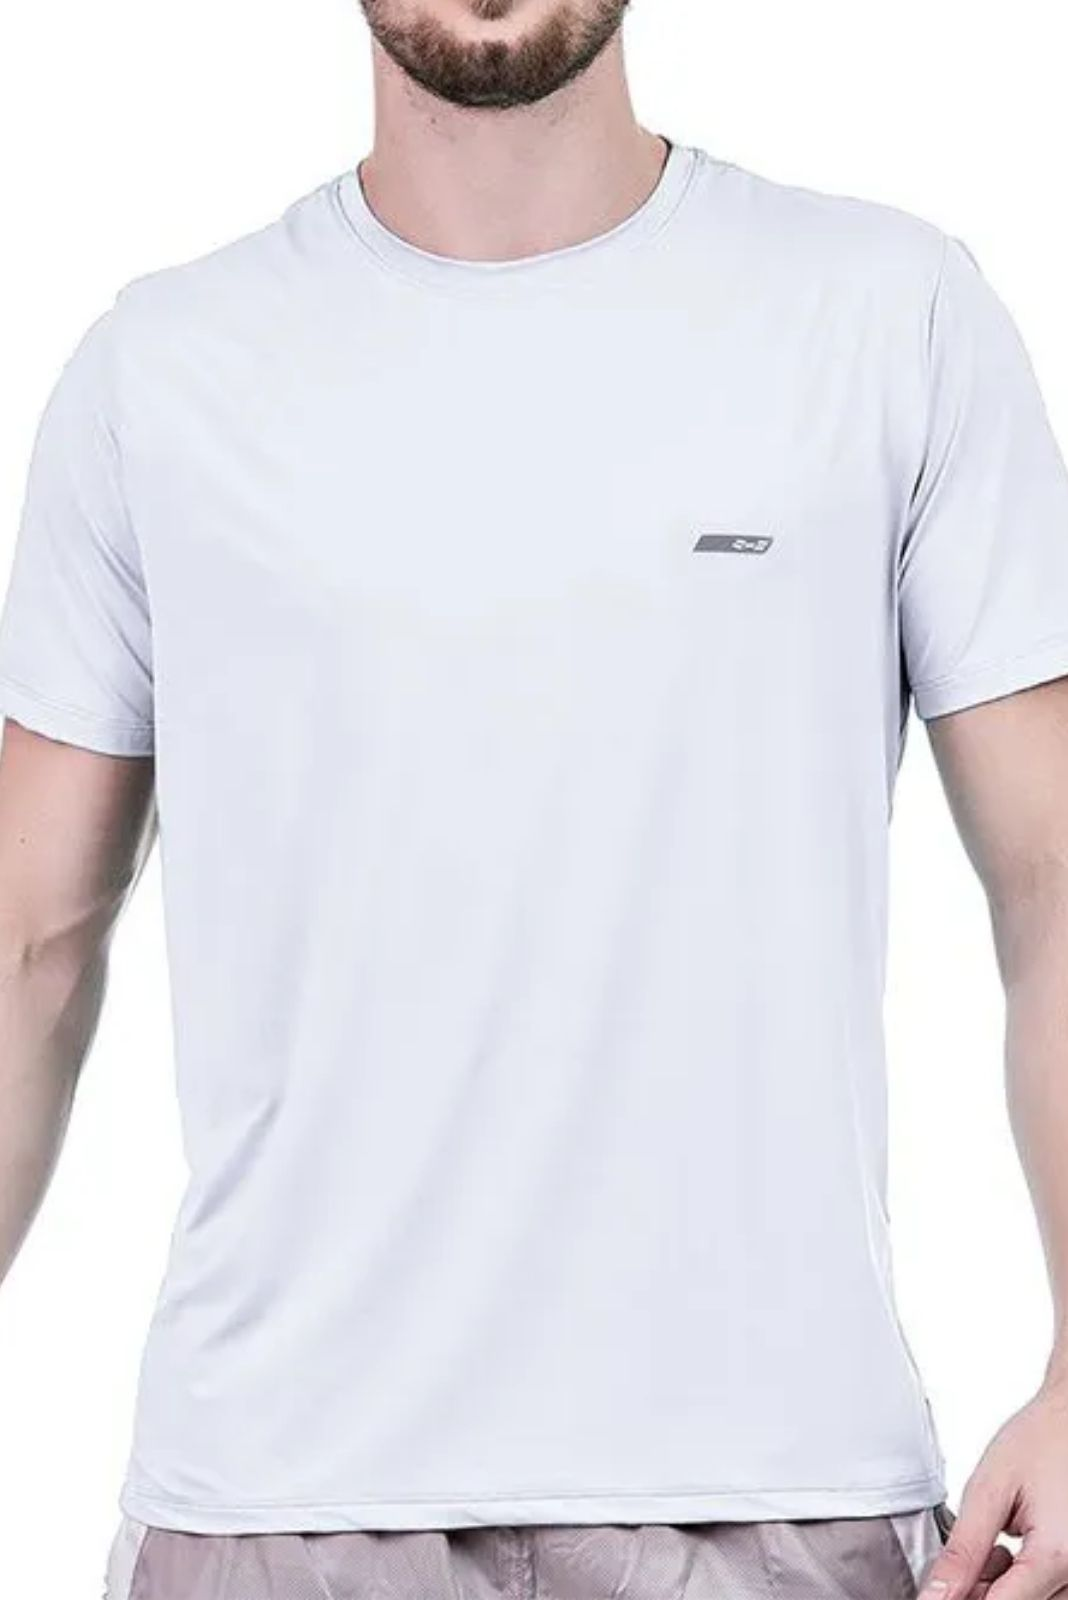 Camiseta Masculina Hifen Branca com Proteção Solar